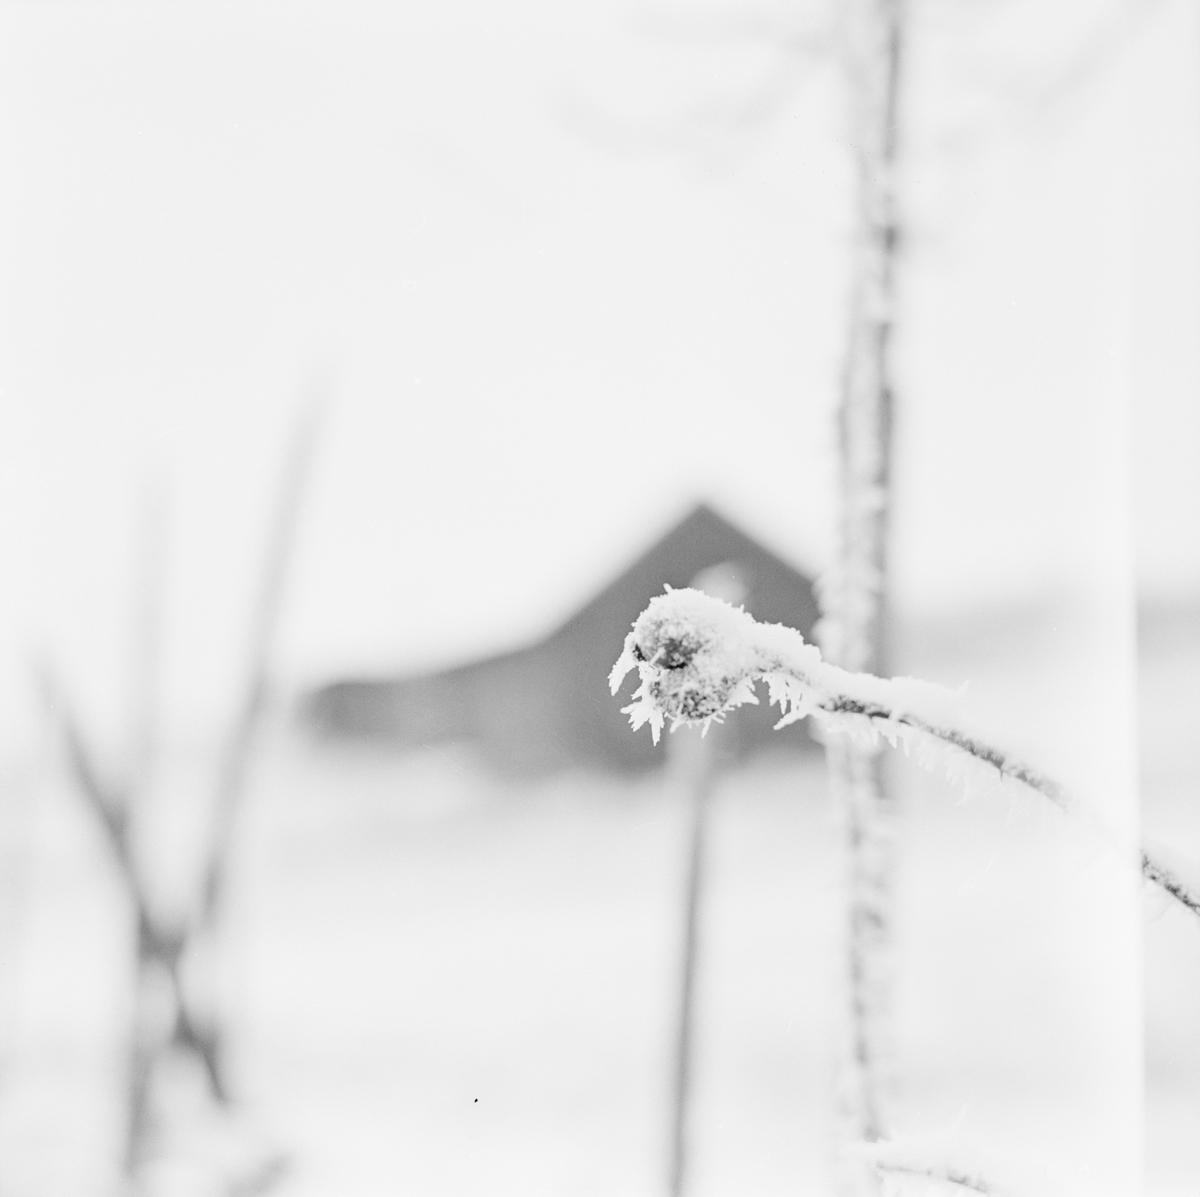 Vinternypon, sannolikt Uppsala december 1961